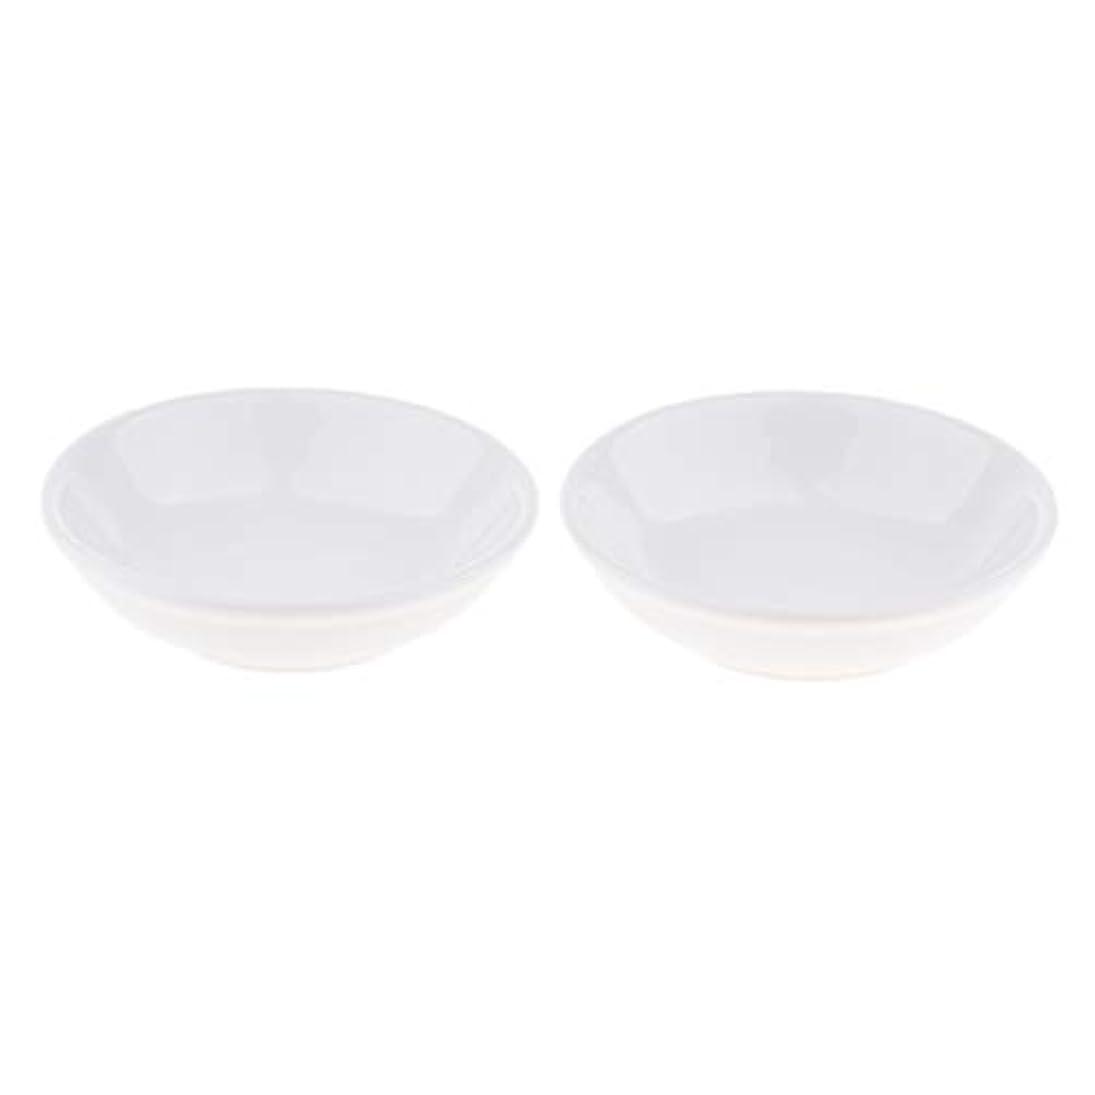 確保する単位ガウンディッシュ 皿 セラミック オイルウォーマー 取り替え用 装飾 置物 2個入